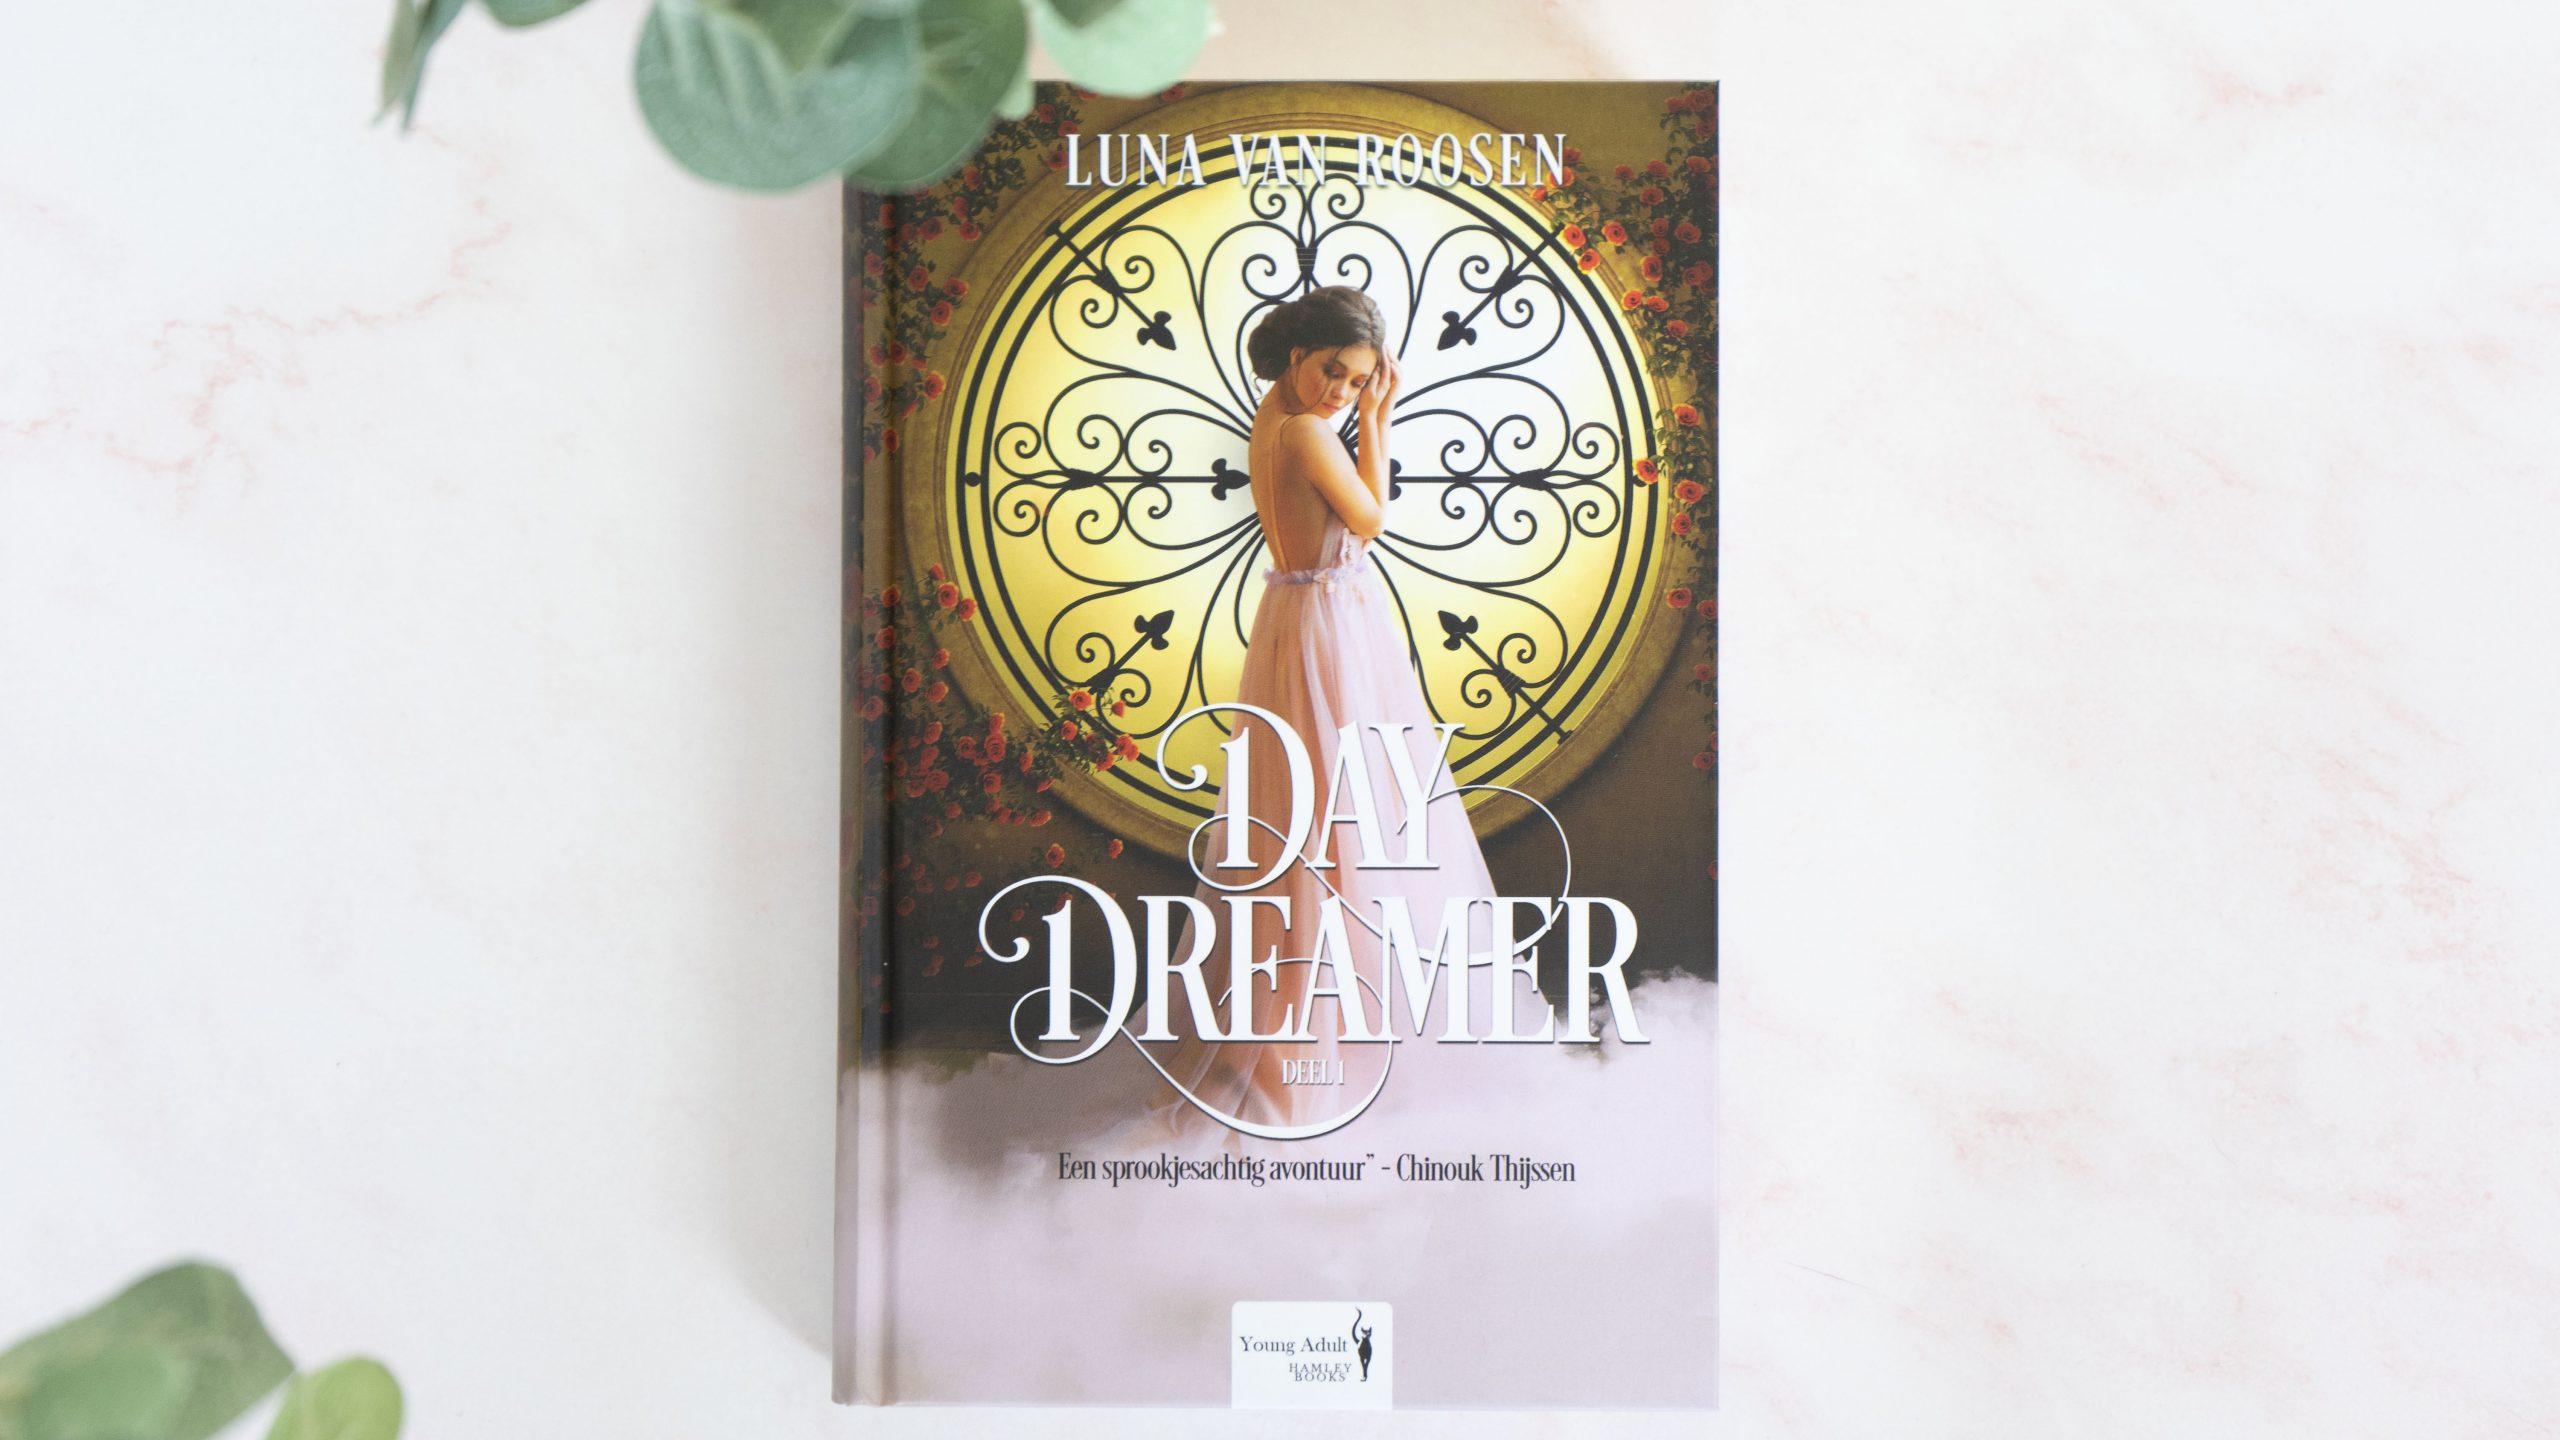 day dreamer luna van roosen